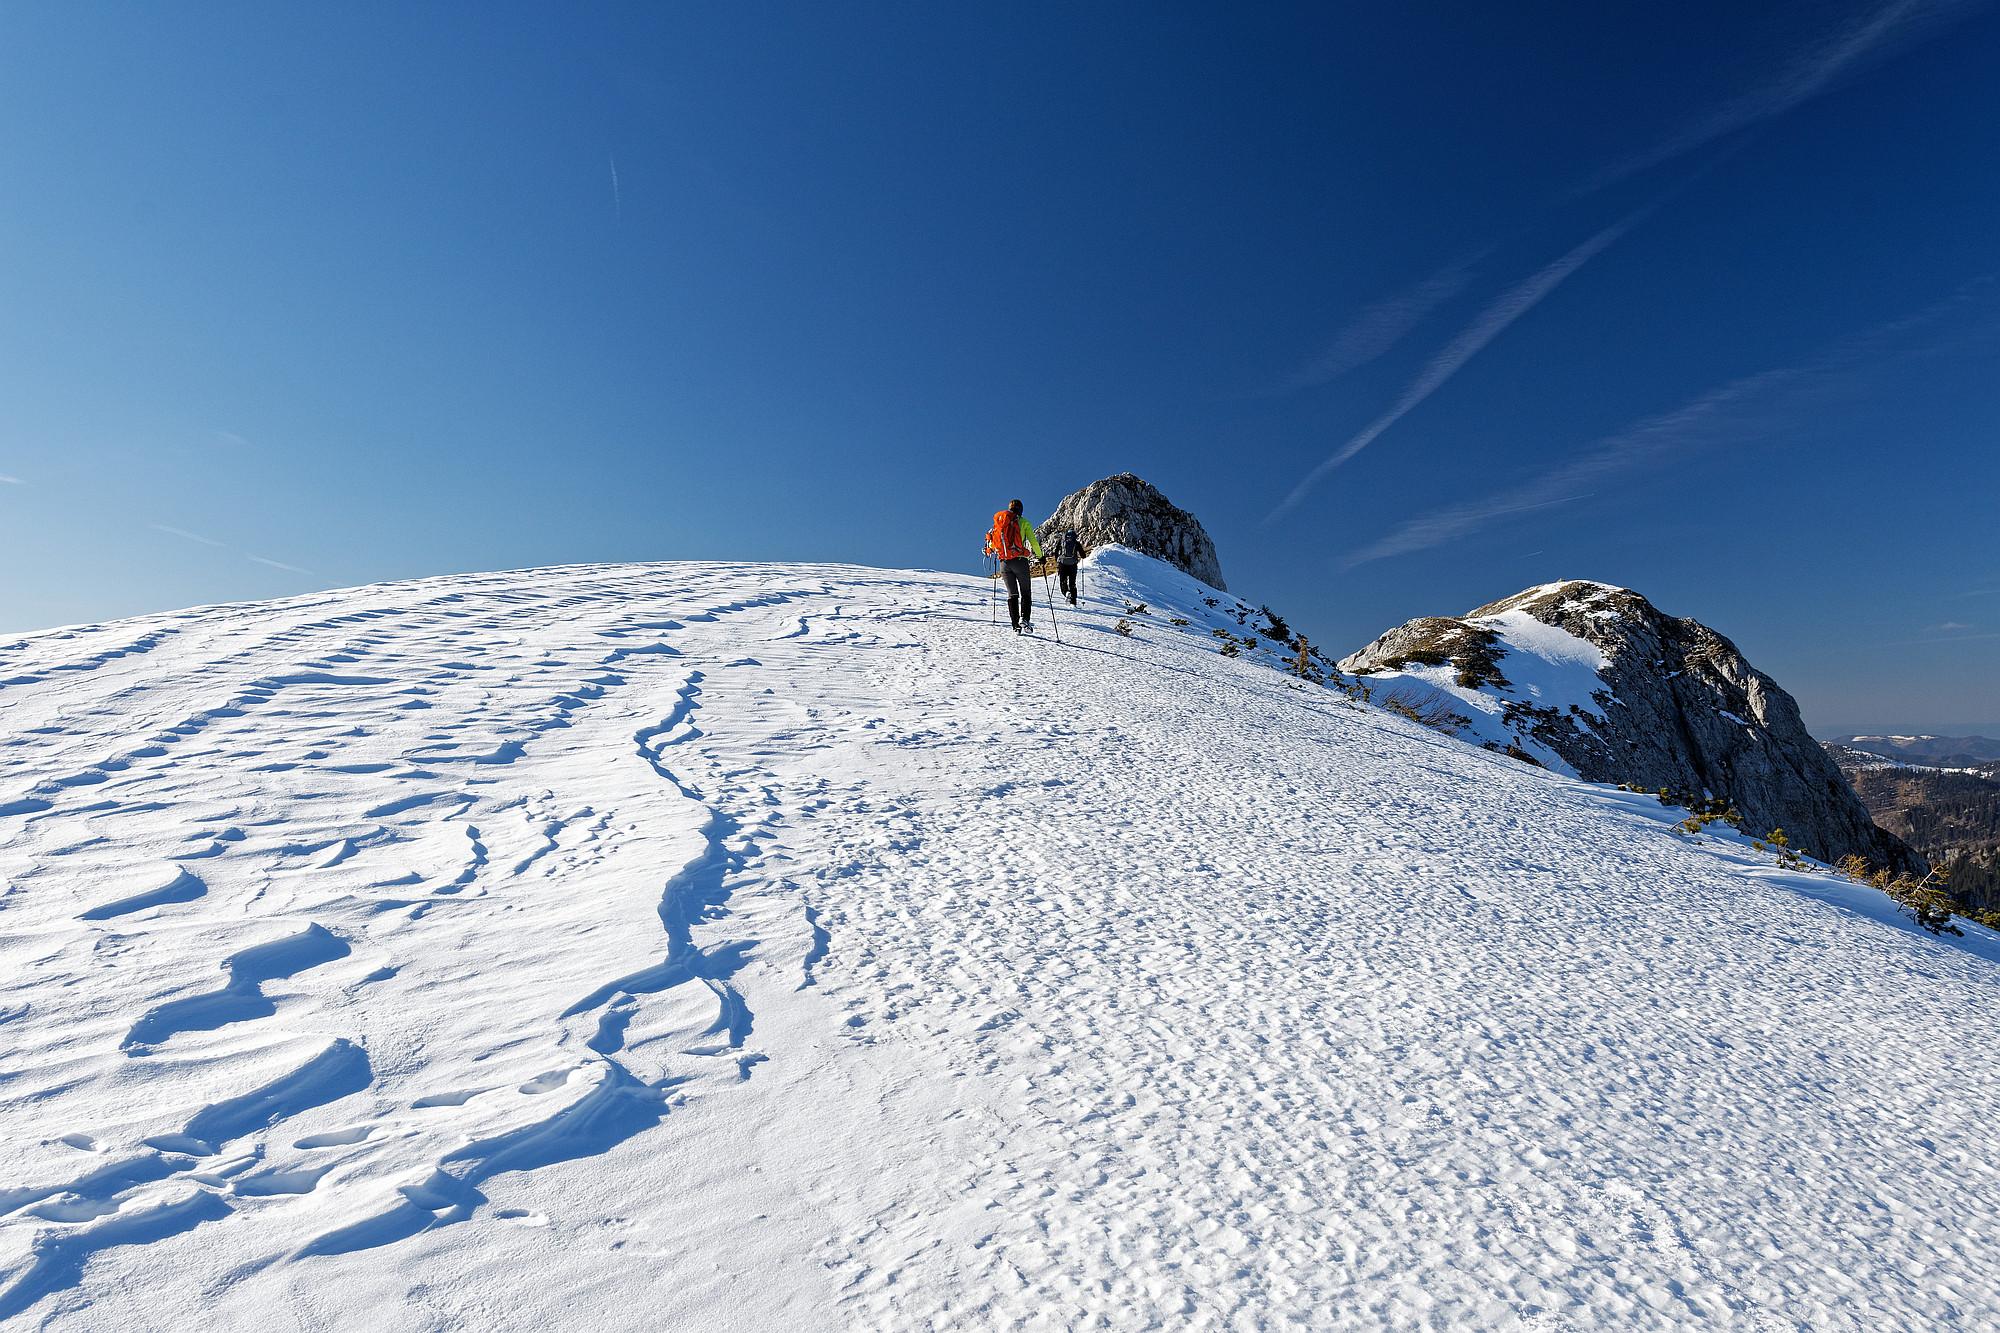 kleine burgwand schneealpe 2021-04-03